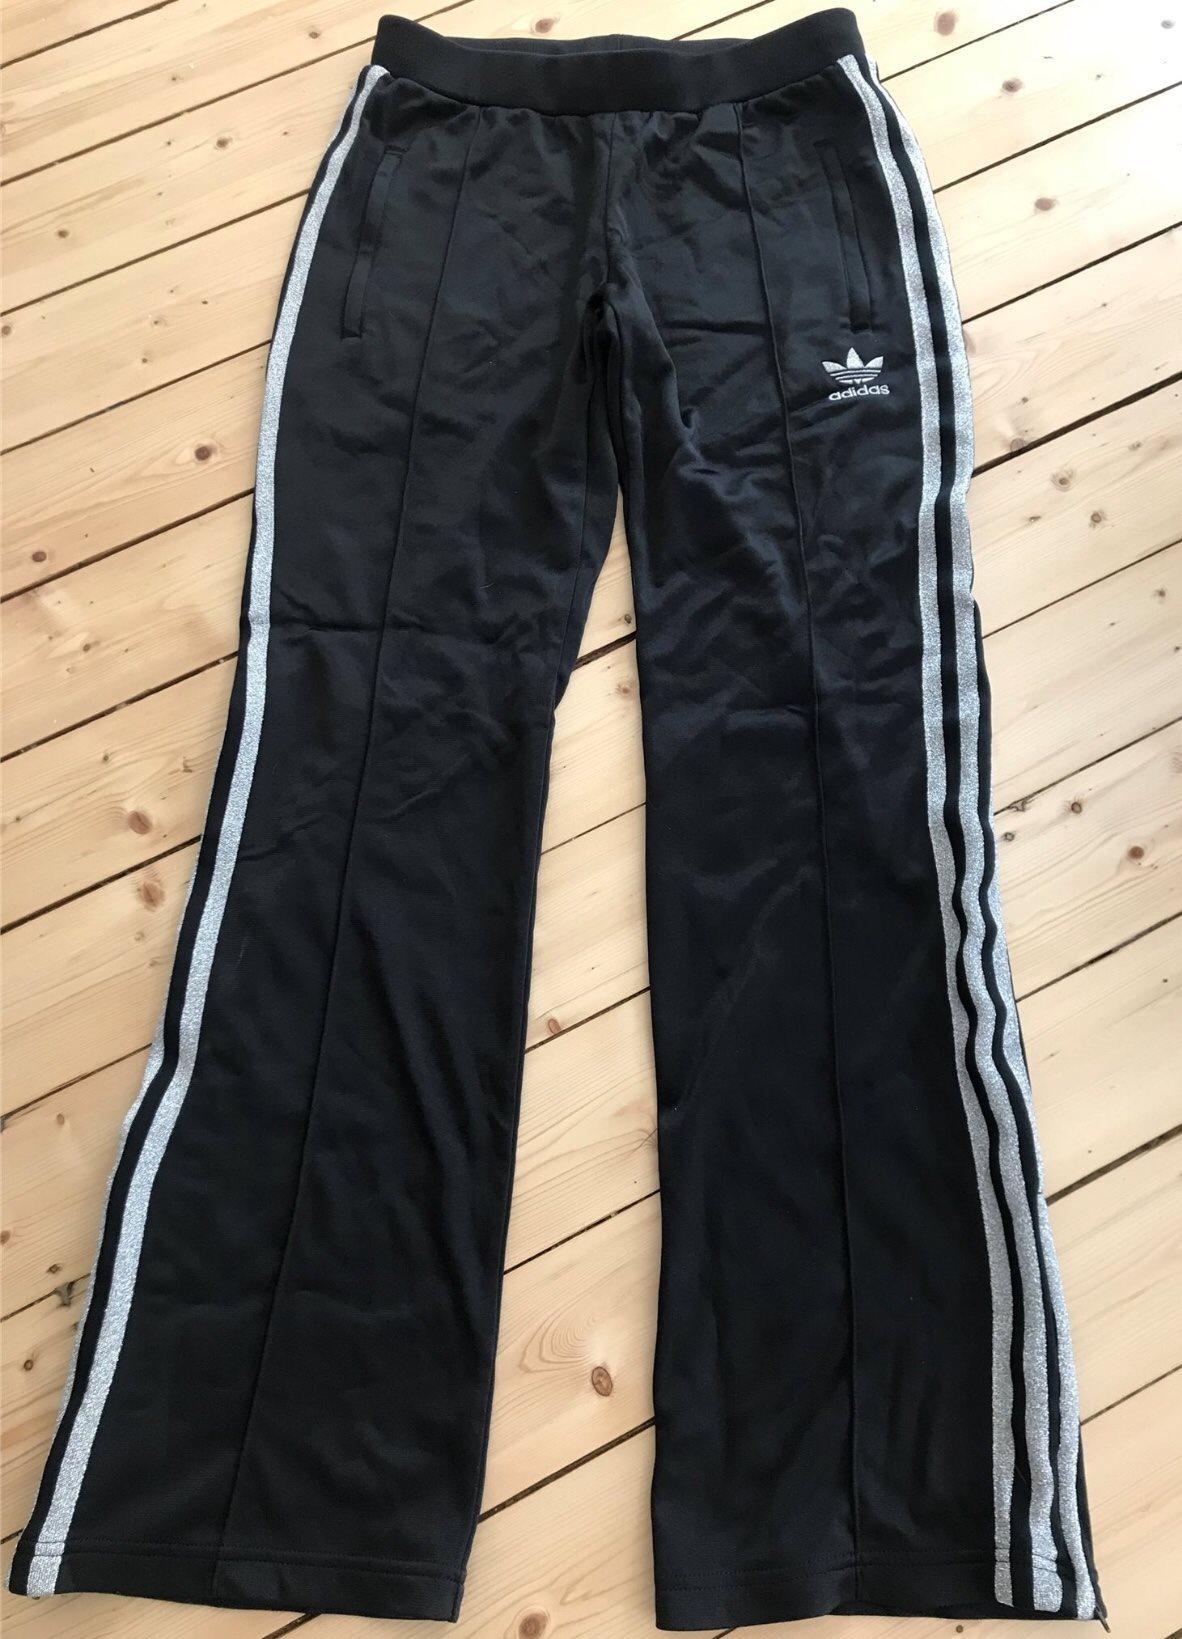 stripes Dambyxor Adidas 3840 originals storlek 3 på gqqx7aw6E